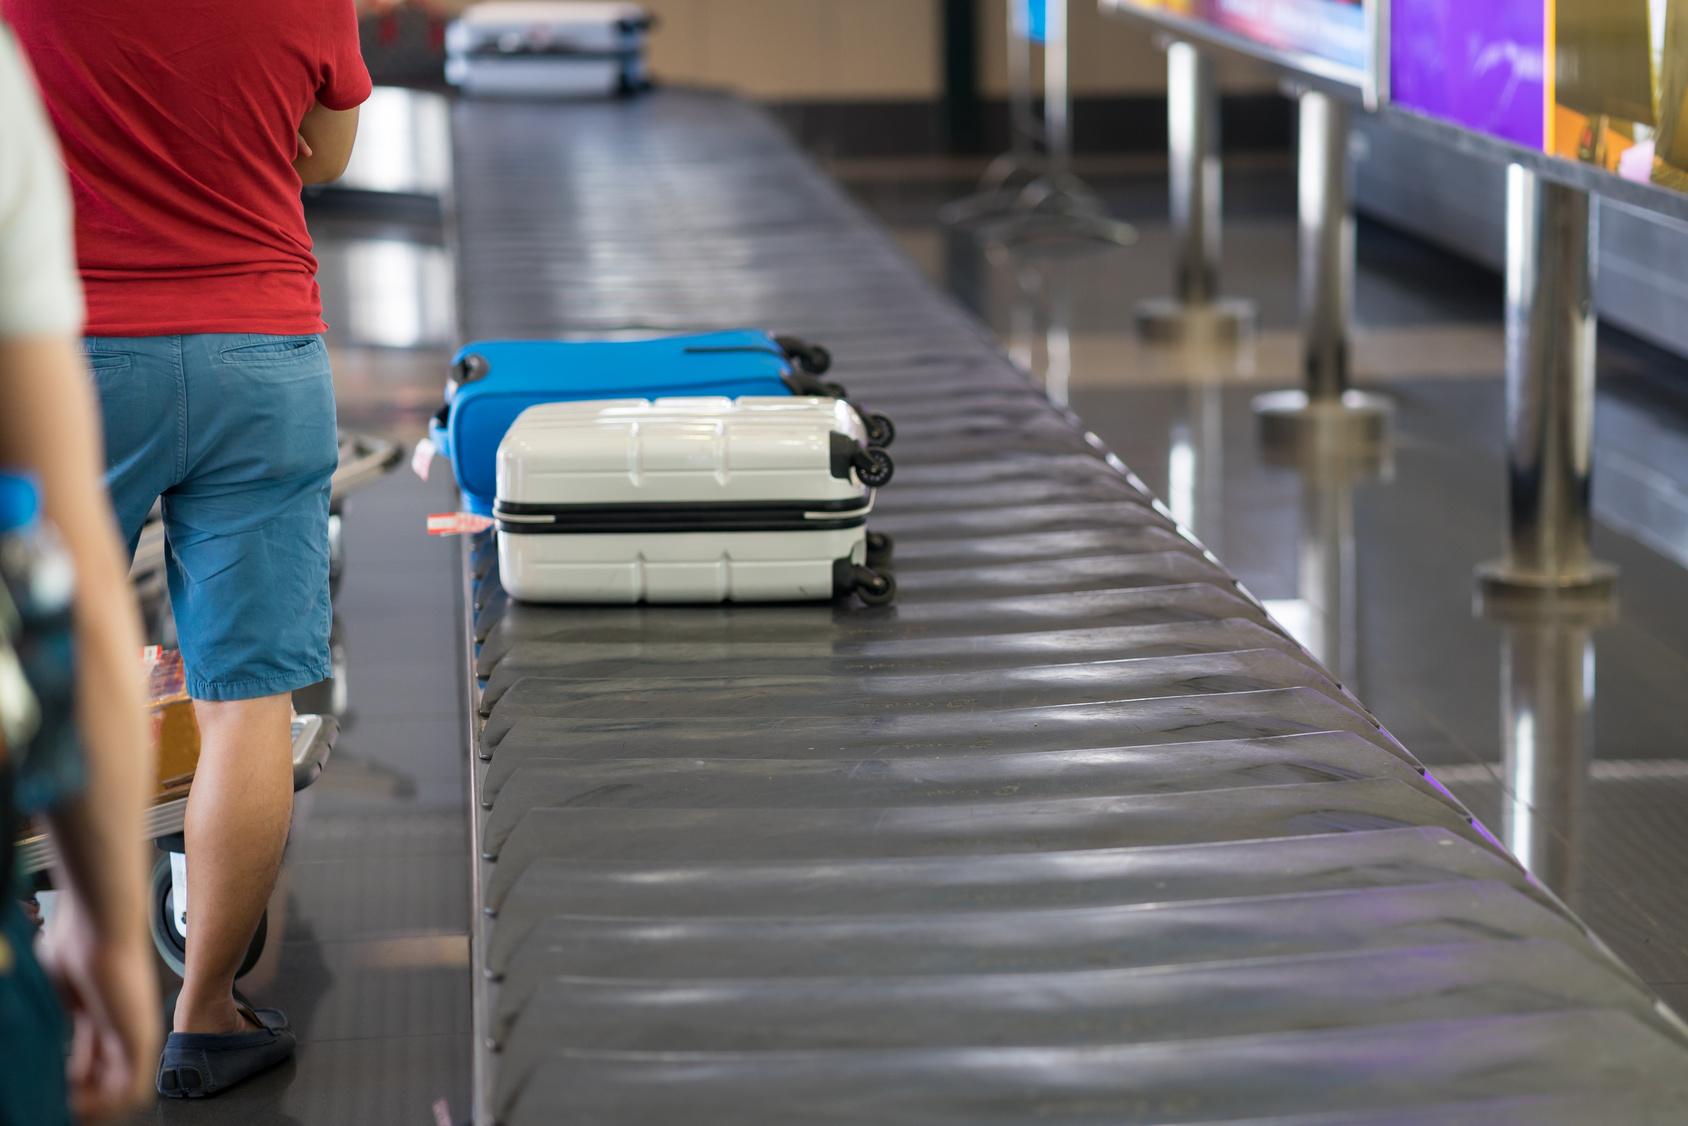 valise perdu a l'aeroport